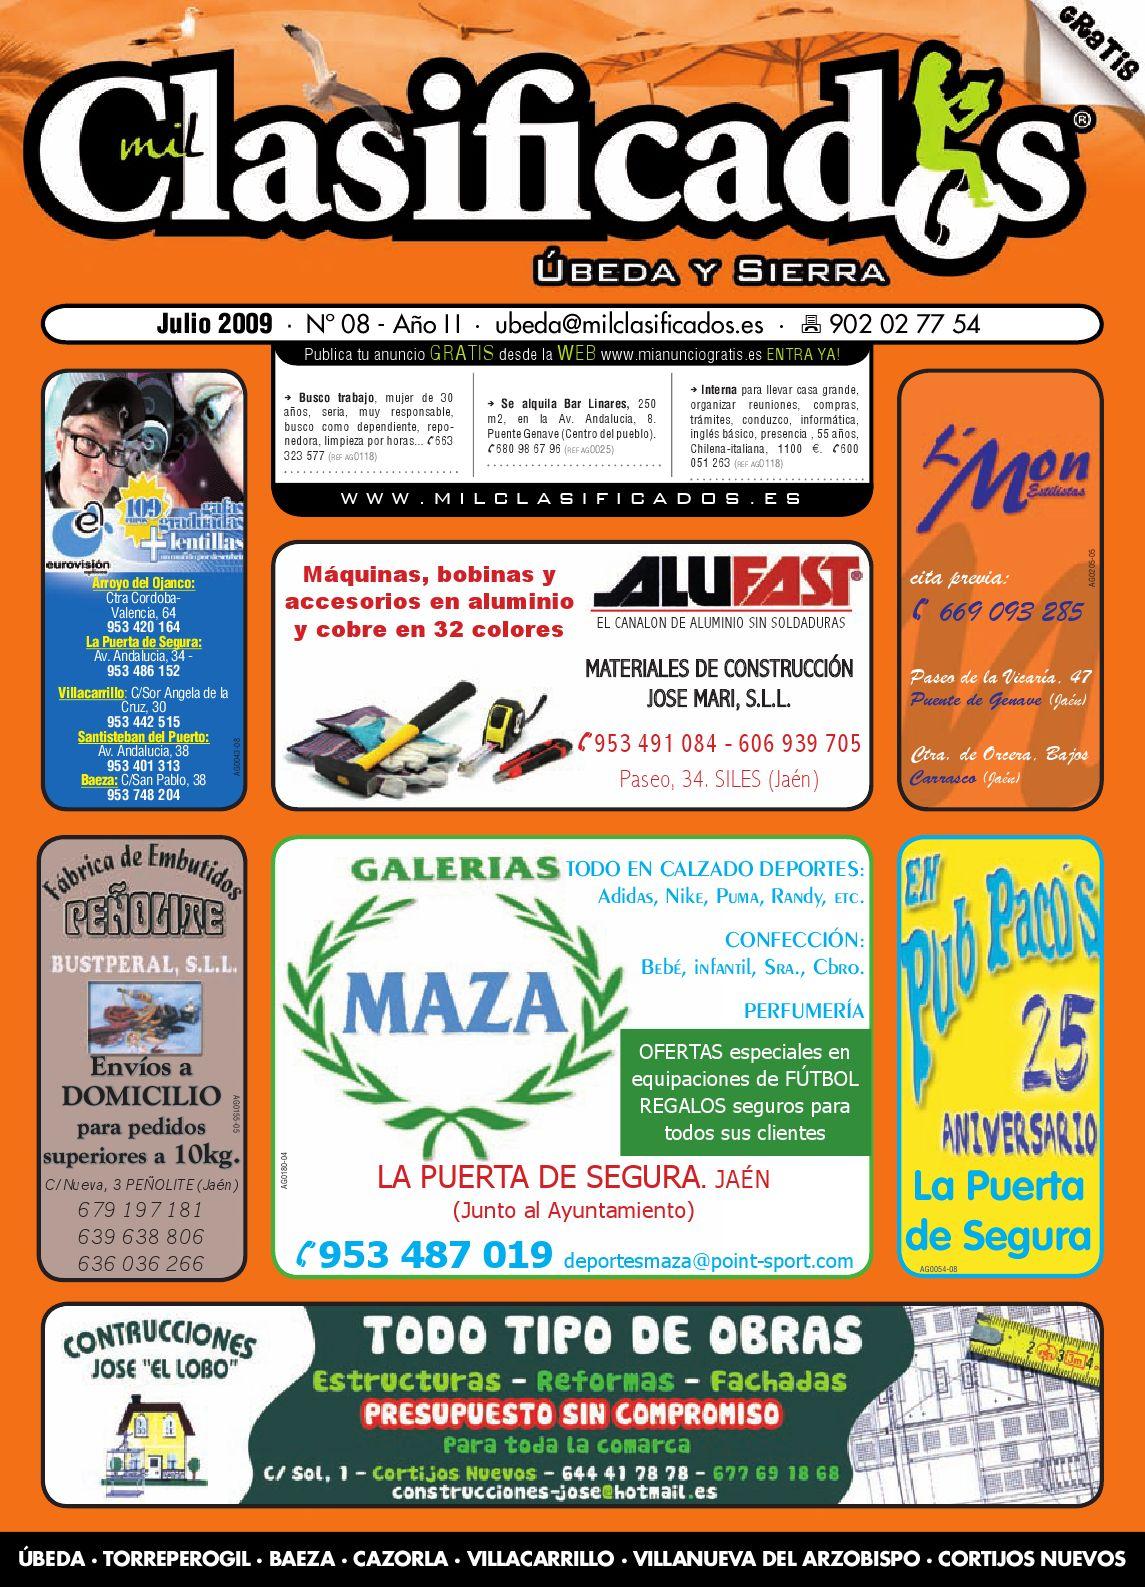 Muebles Juigmar - Revista Milclasificados Edicion Julio Ubeda Y Sierra By El [mjhdah]https://i1.wp.com/bkfit.com/wp-content/uploads/2015/05/folletos-ciclismo1.jpg?ssl=1